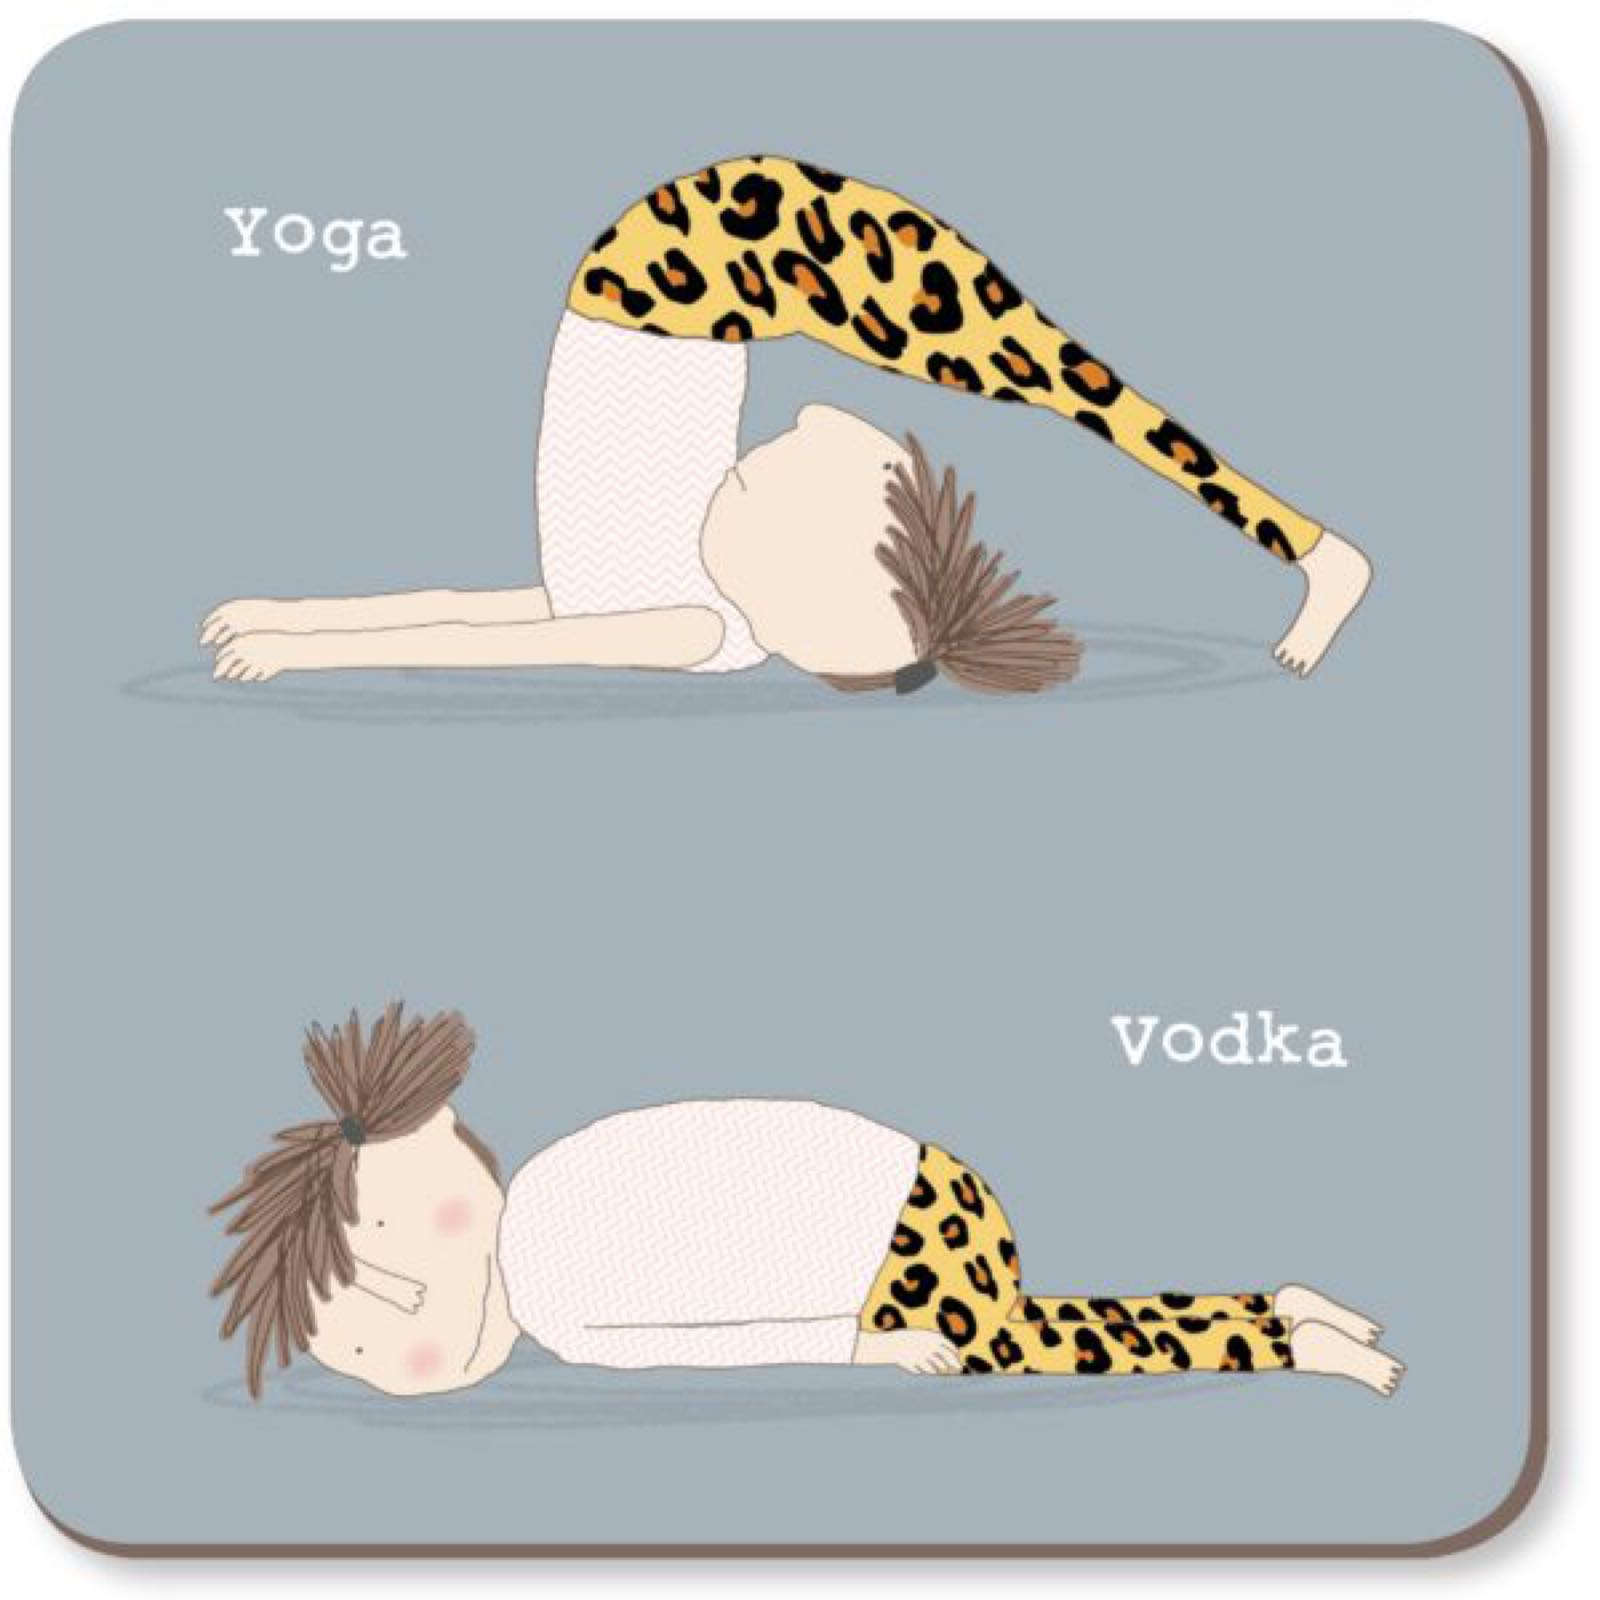 Yoga (CST016)